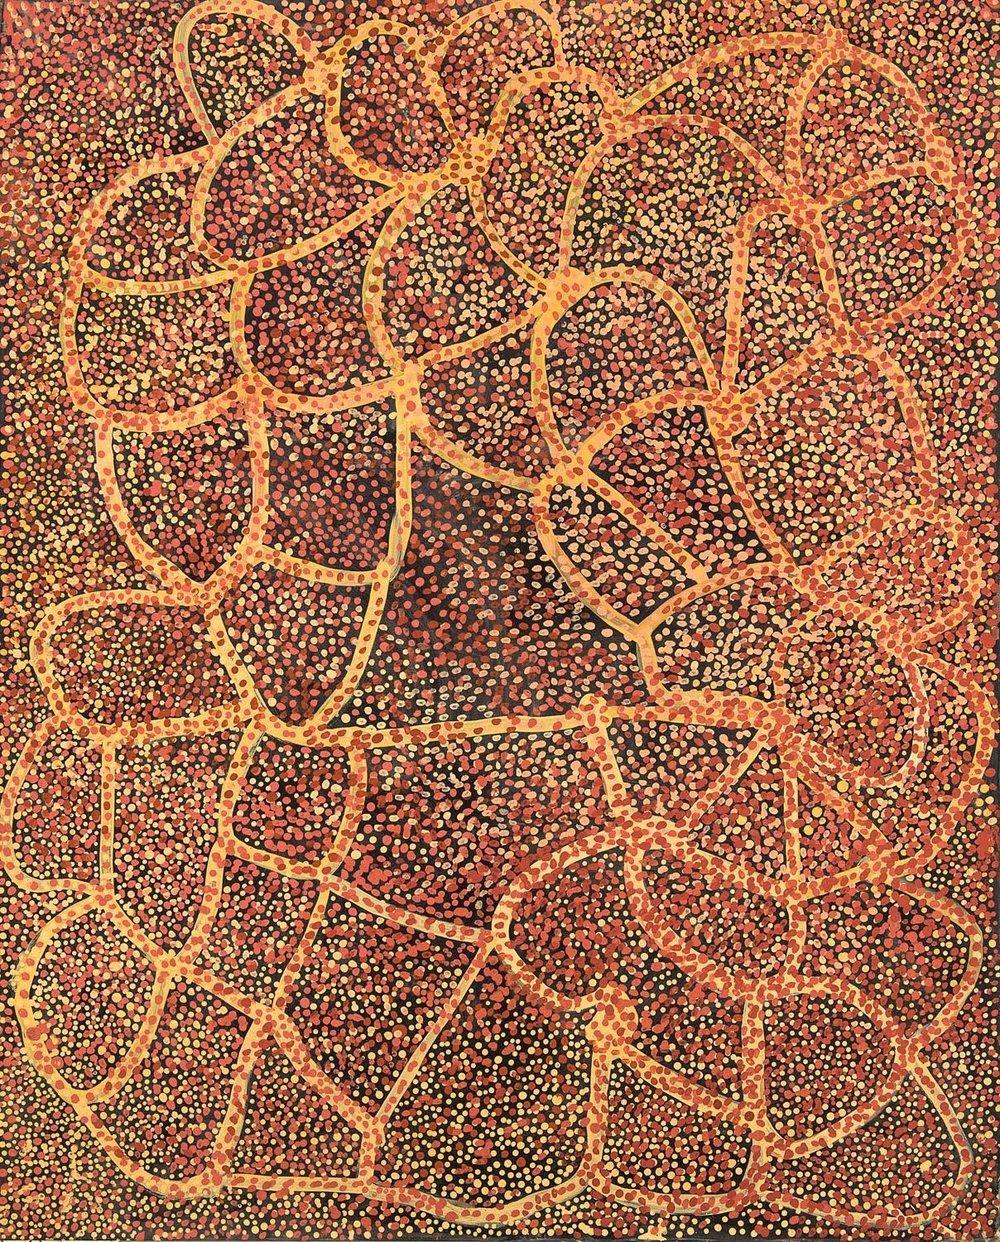 EMILY KAME KNGWARREYE,circa 1910-1996 Wild Yam and Emu Food, 1990